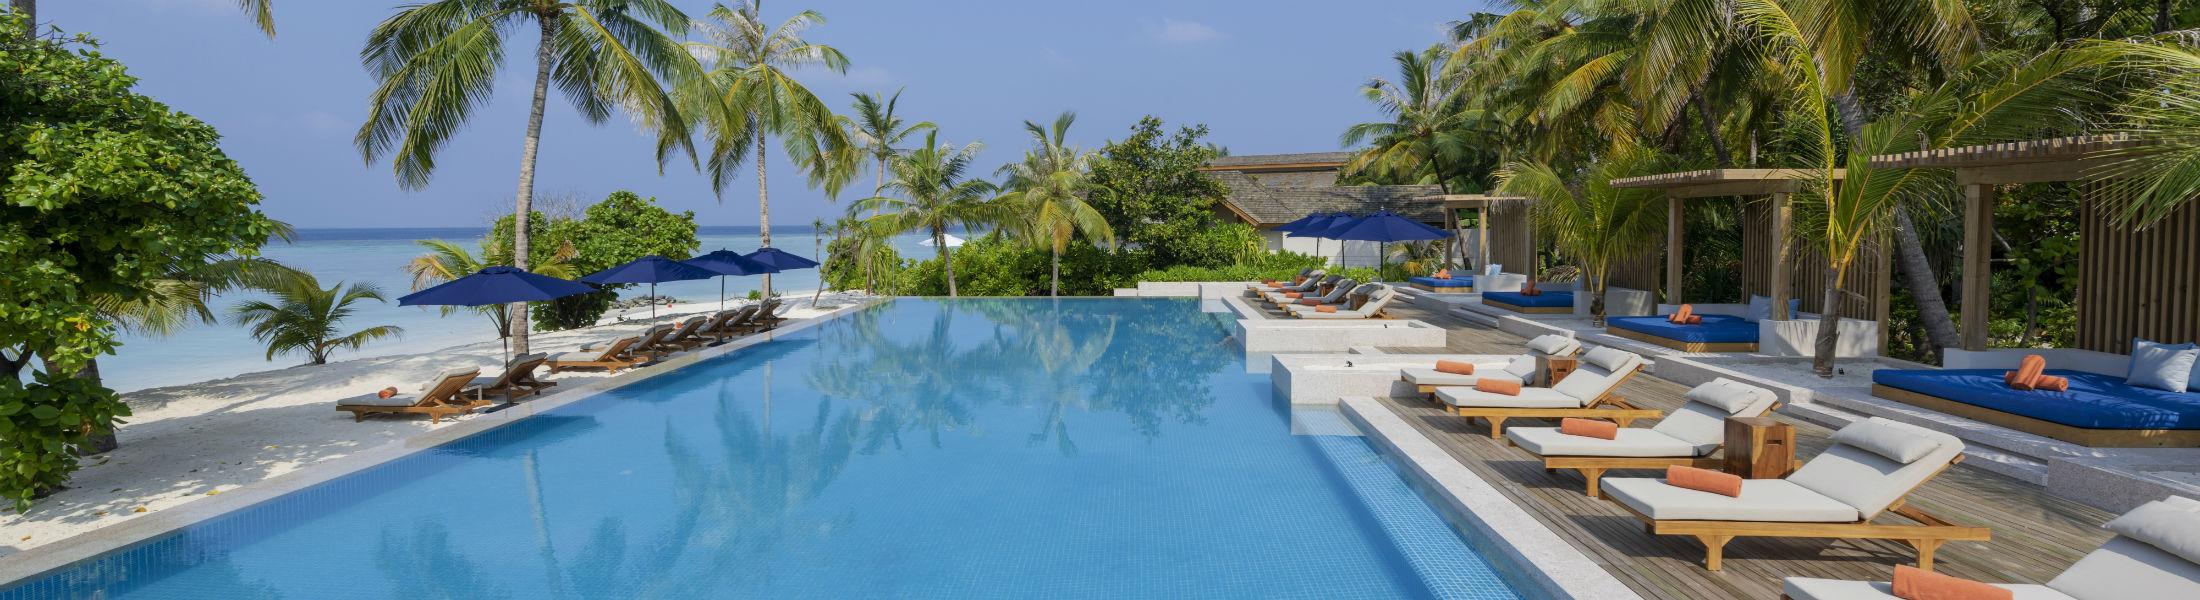 Pool area at the Faarufushi Maldives